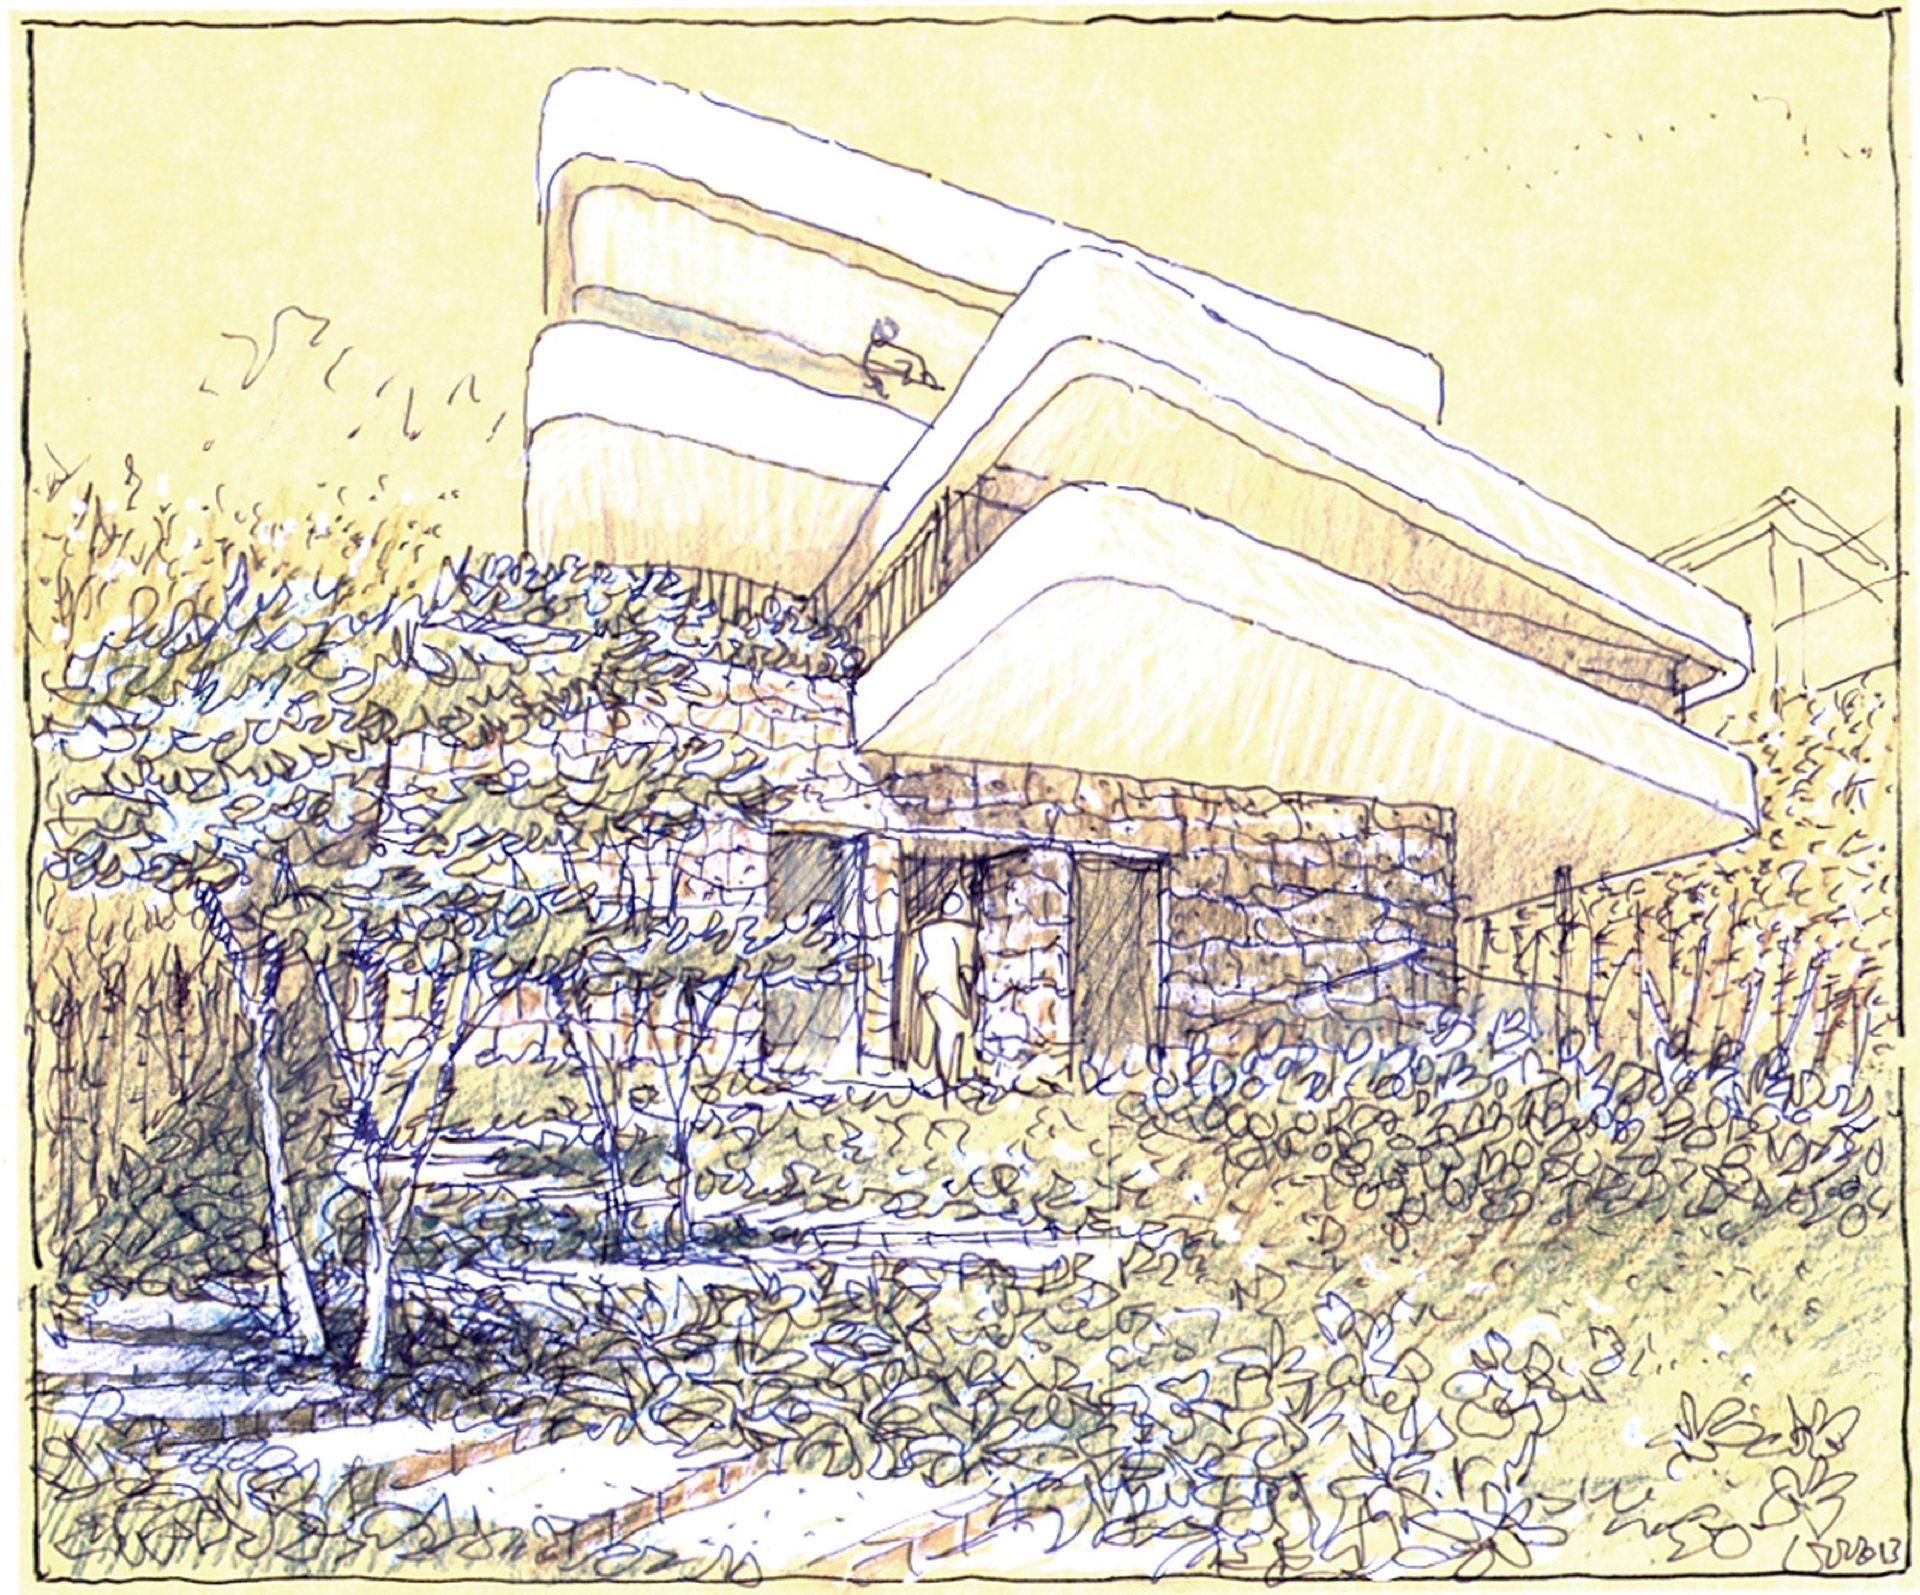 Luigi Rosselli: La casa dei libri sulle rocce di Sydney